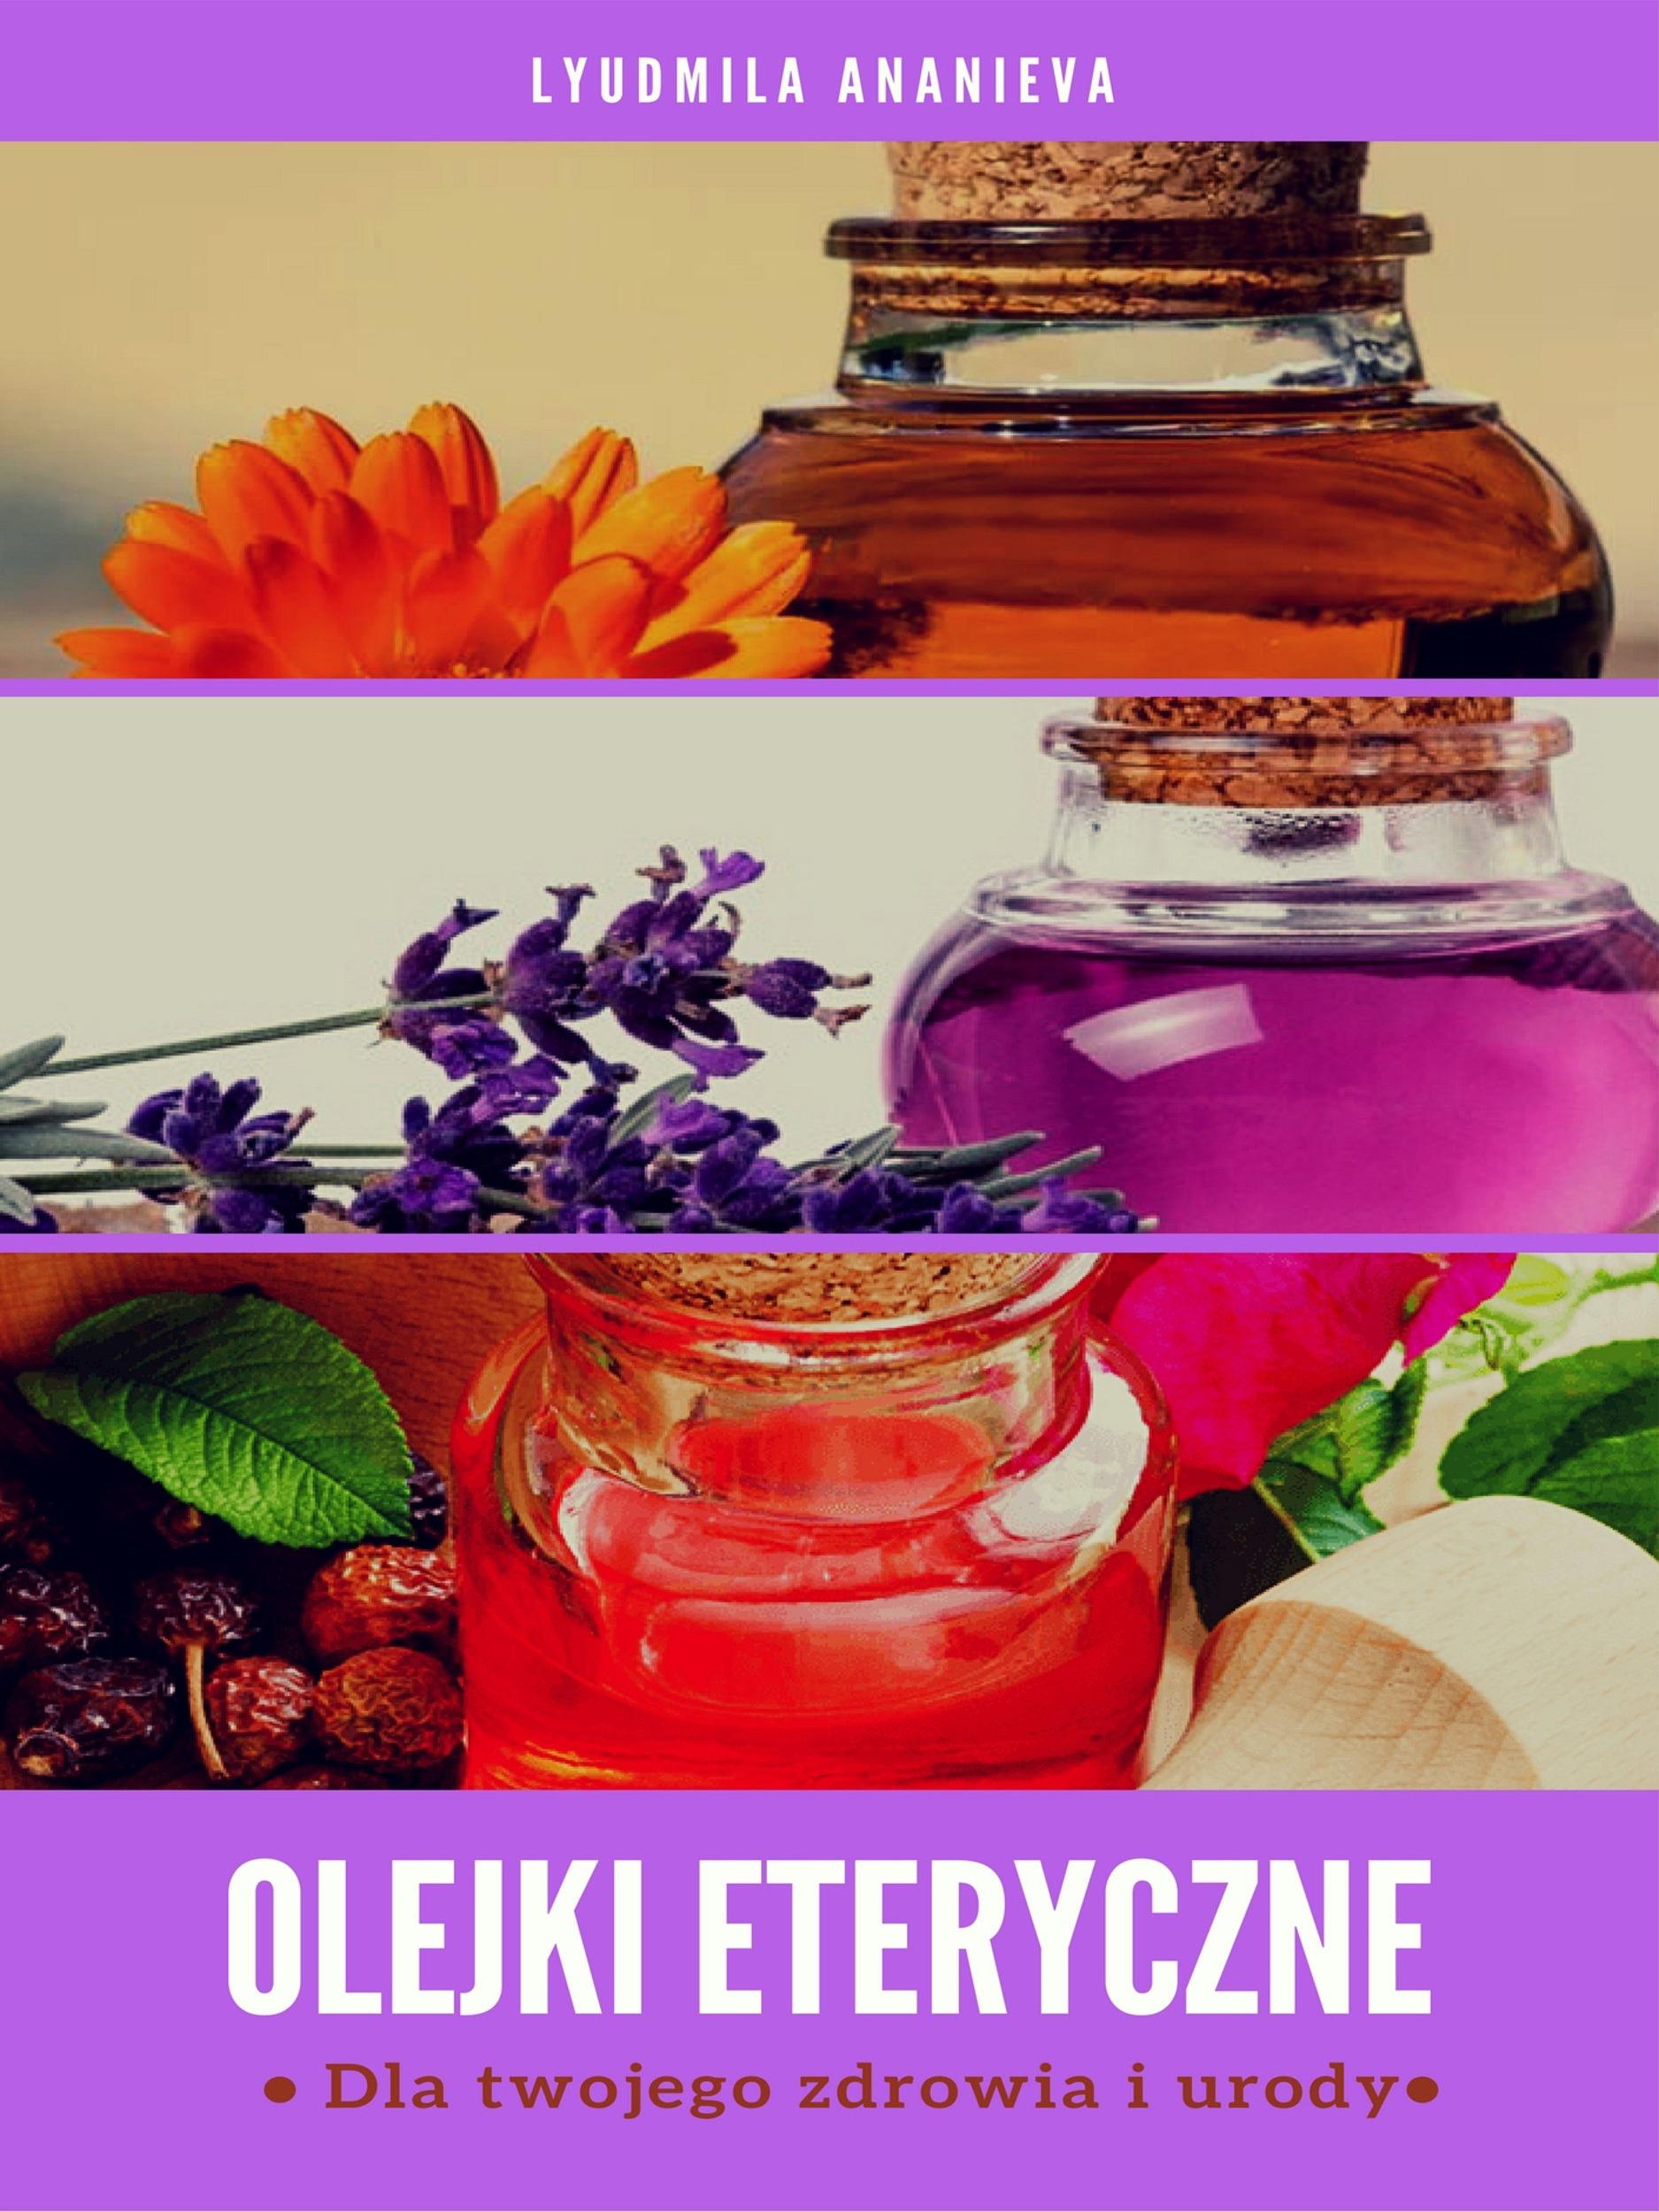 Lyudmila Ananieva Olejki Eteryczne lyudmila ananieva olejki eteryczne